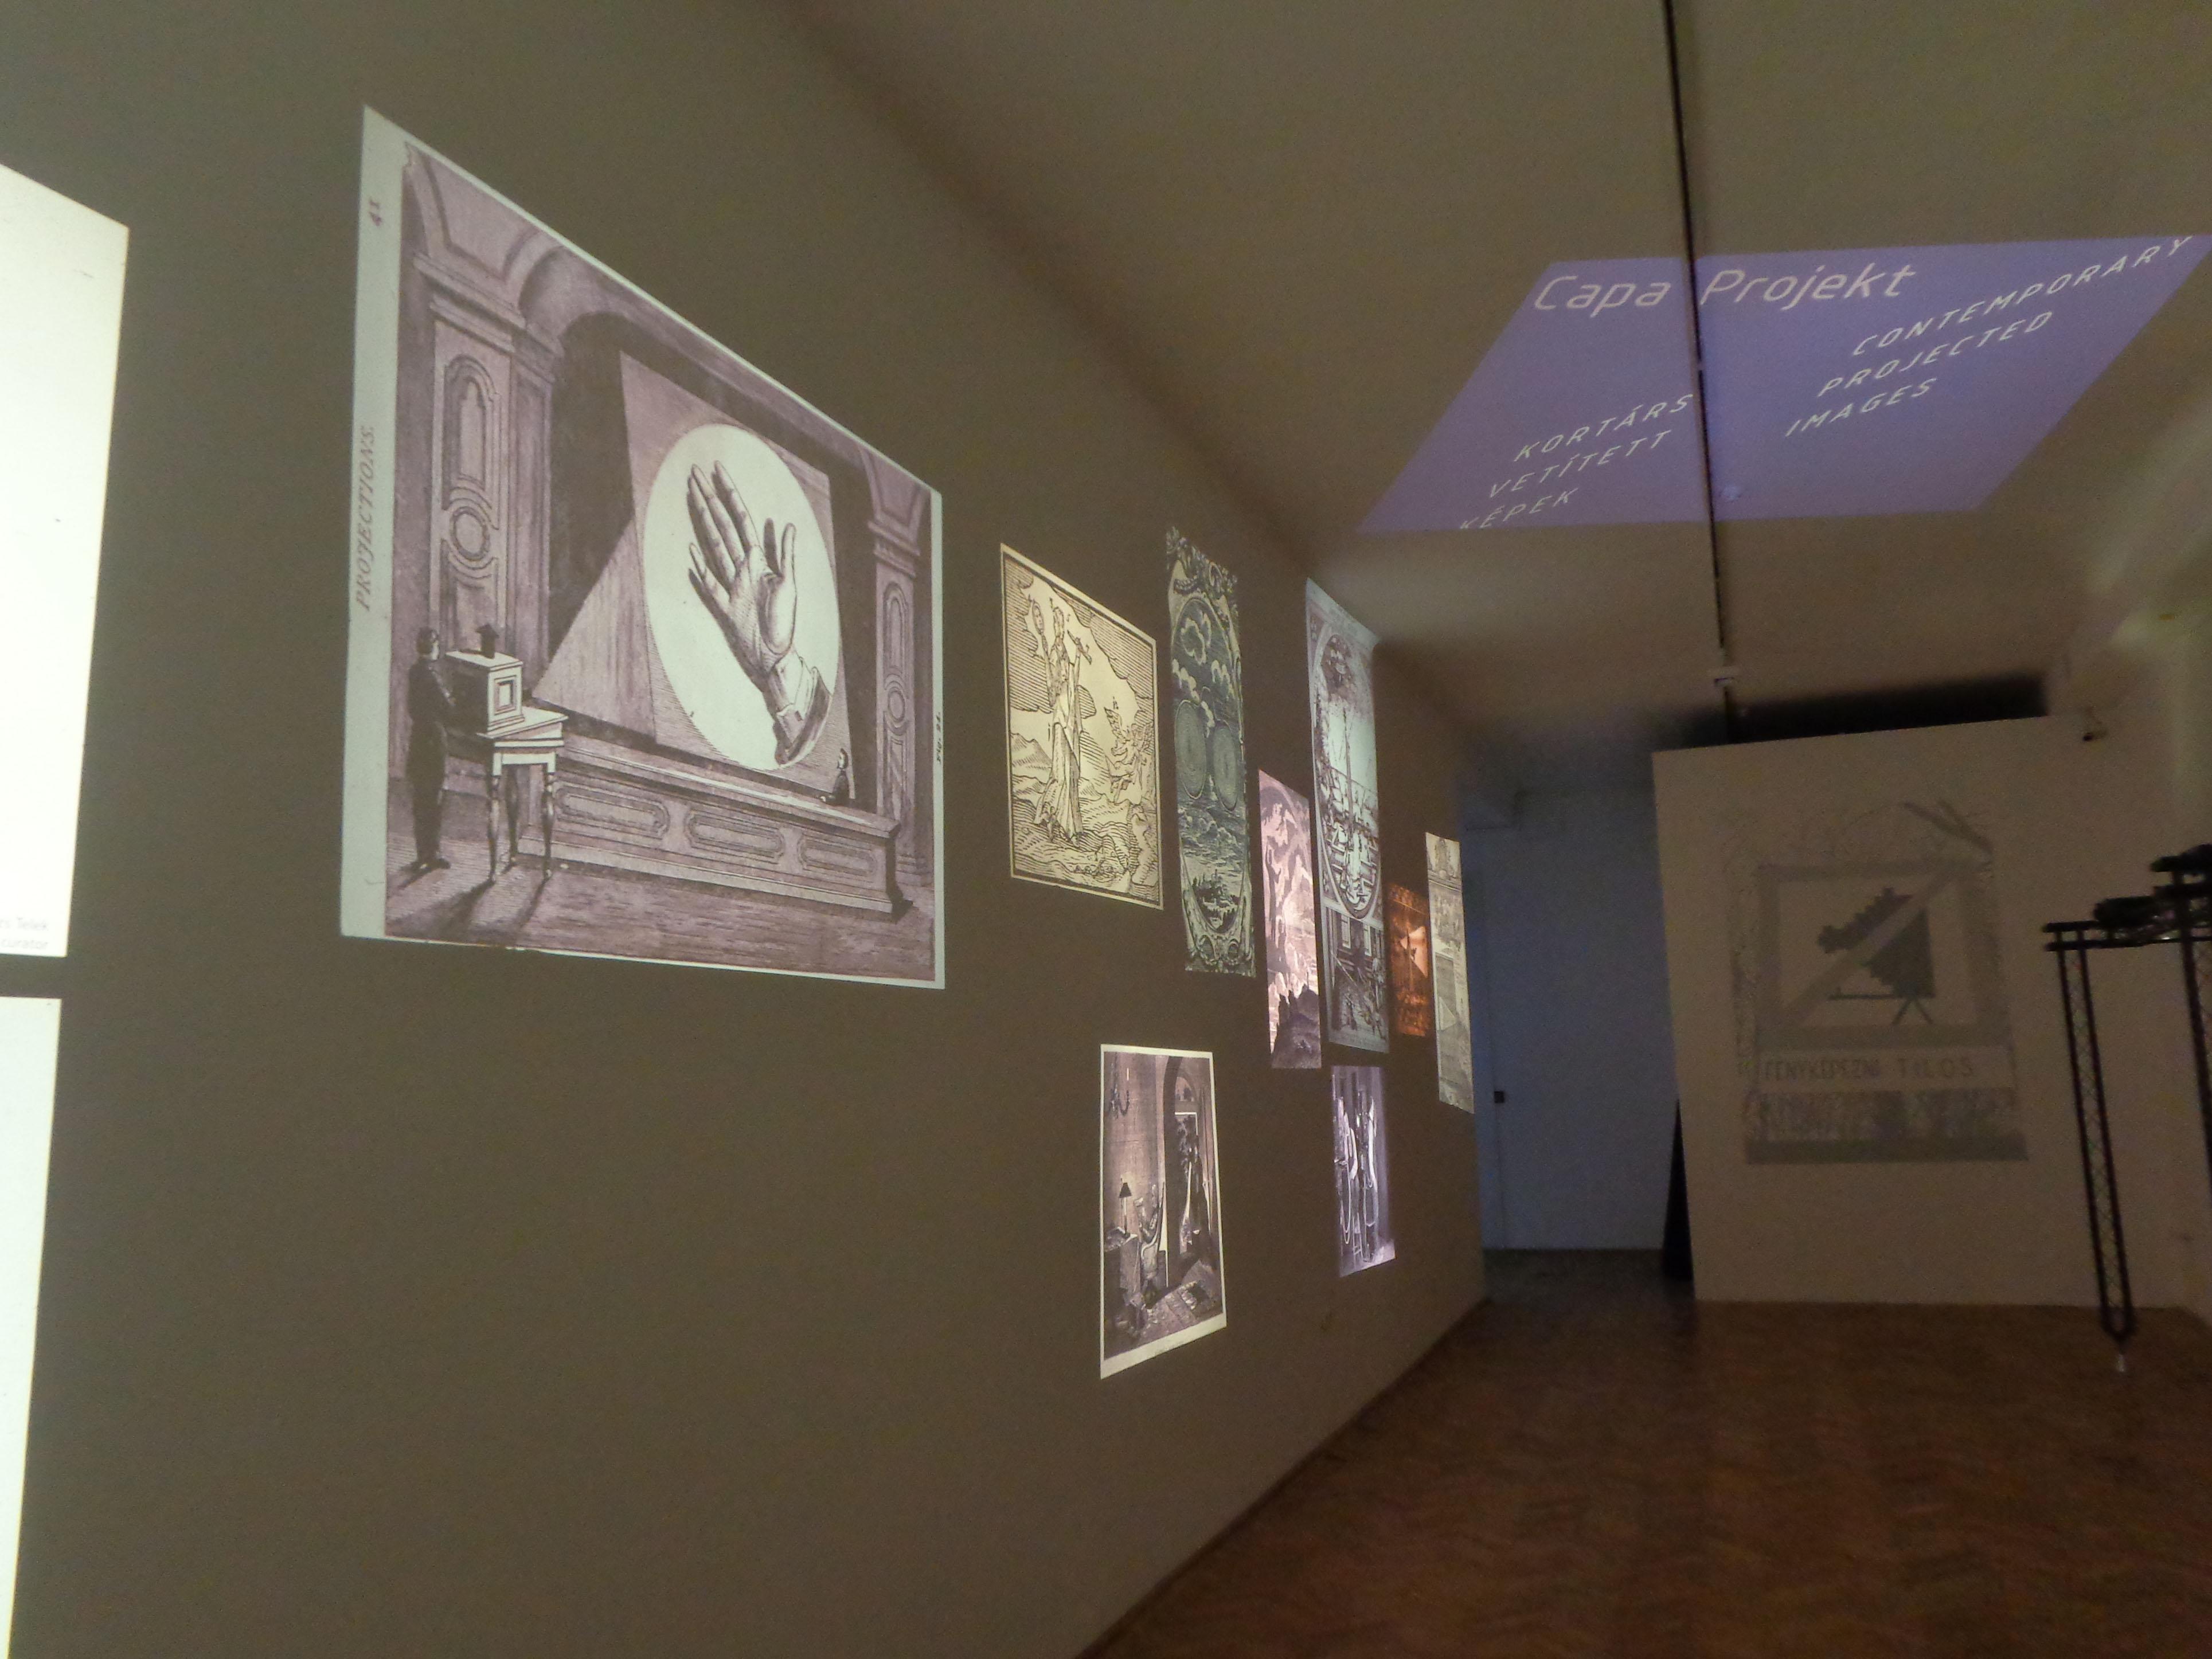 Der Auftakt der Ausstellung zeigt Abbildungen aus dem 18. und 19. Jahrhundert.